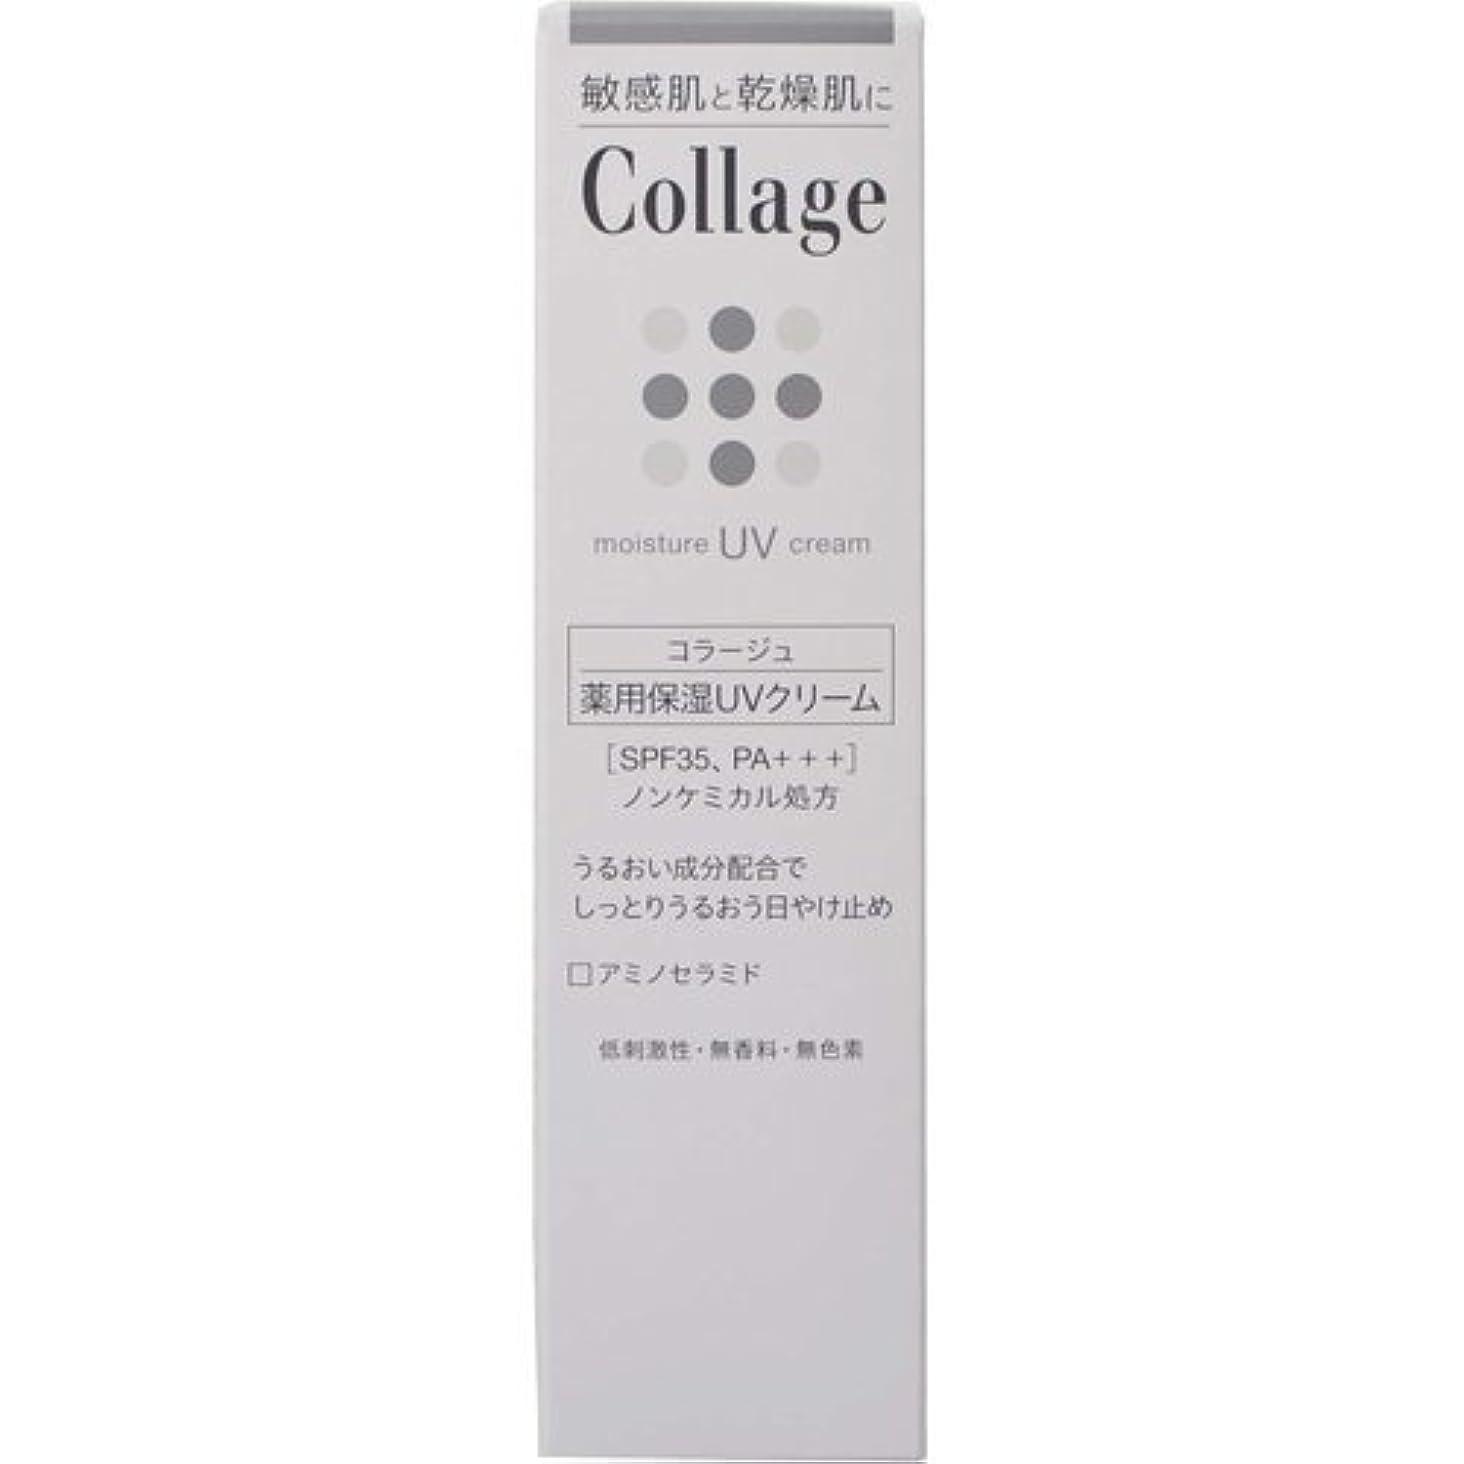 出版添加剤いつかコラージュ 薬用保湿UVクリーム 30g ×6個